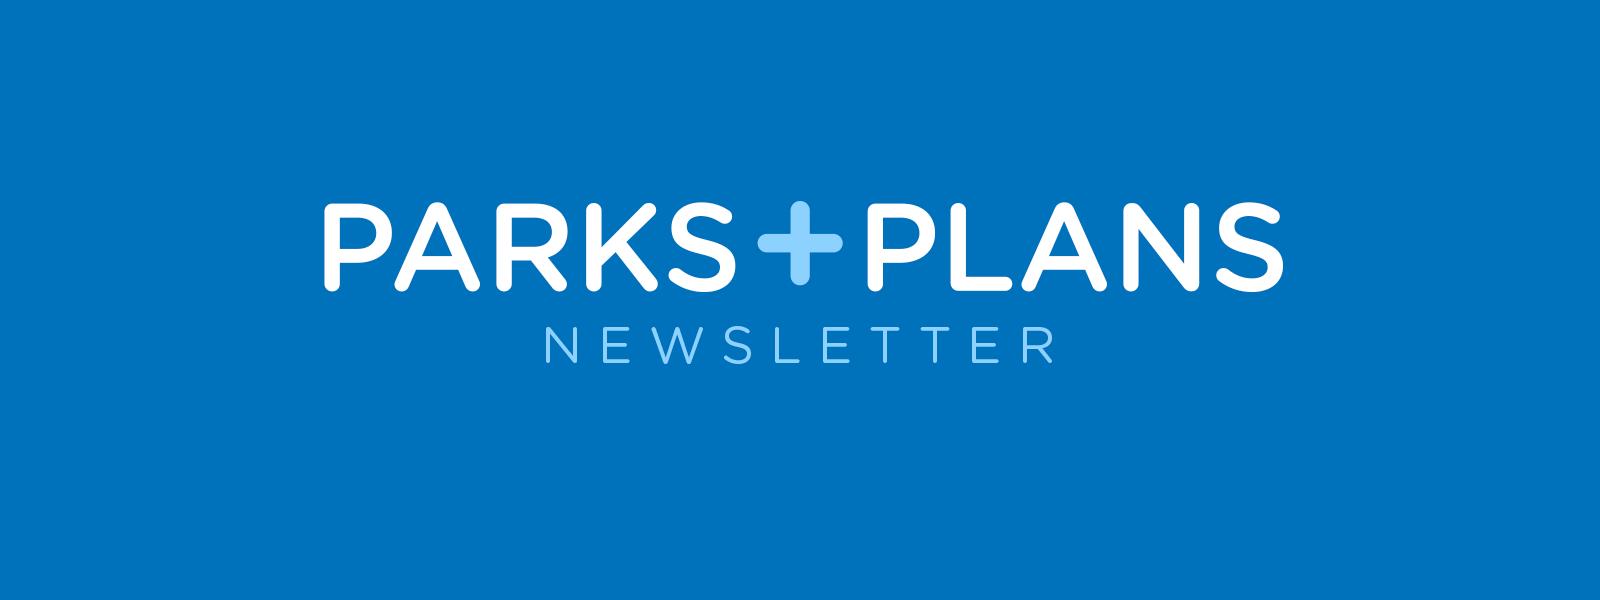 Parks + Plans Newsletter